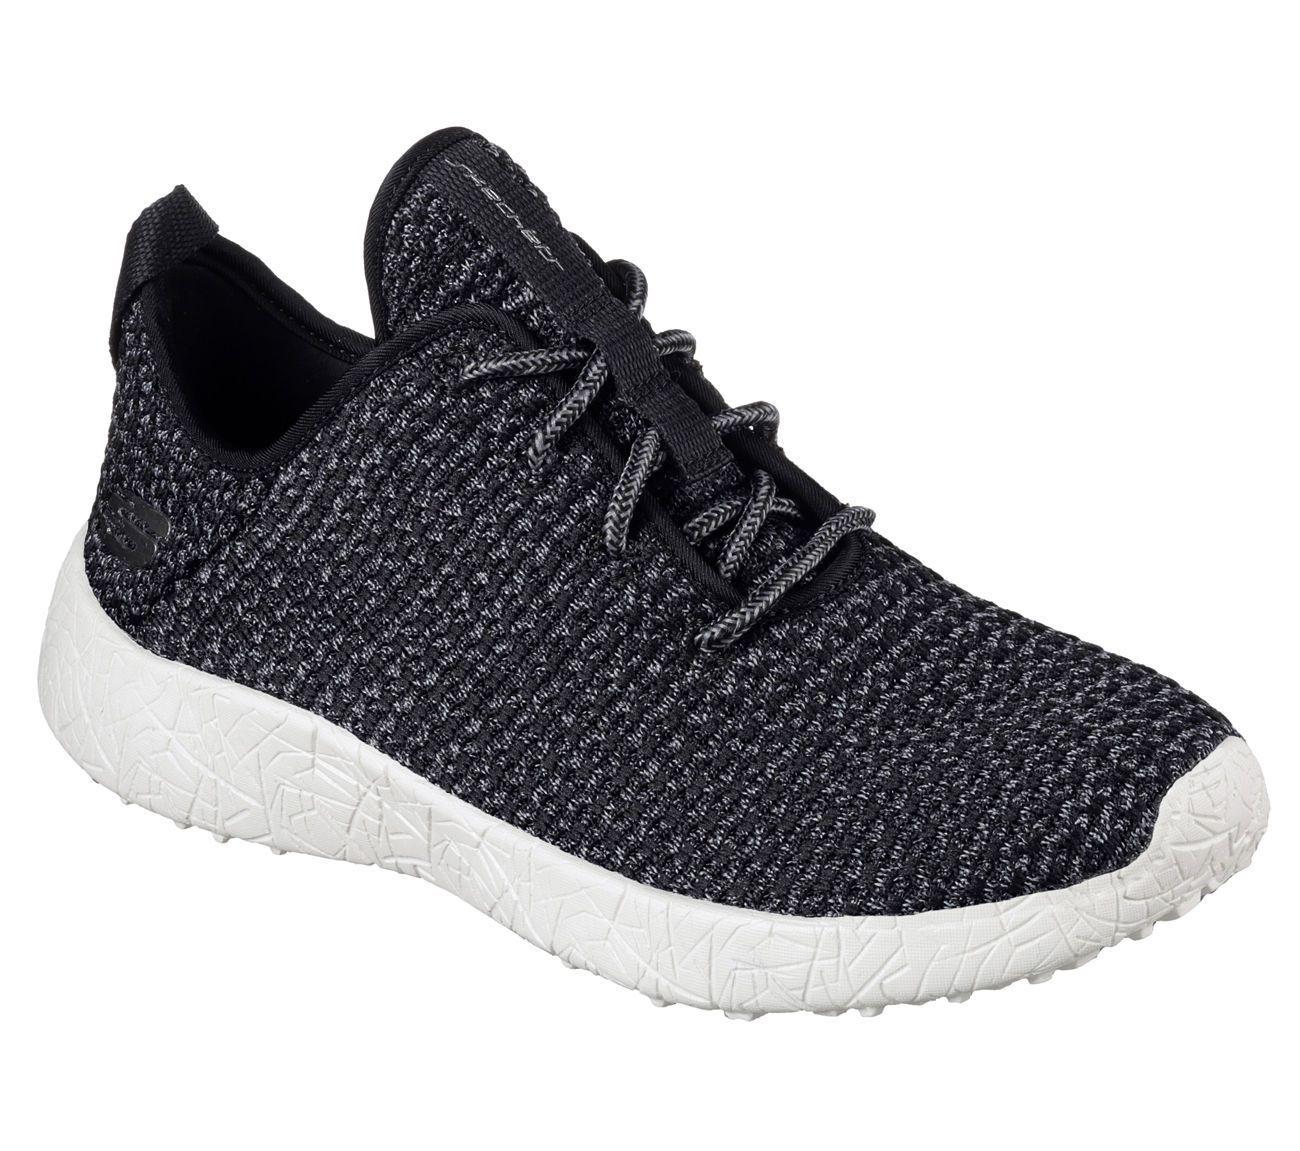 12789 Bkw Black Skechers Shoe Burst Memory Foam Women Soft Woven Sporty Knit